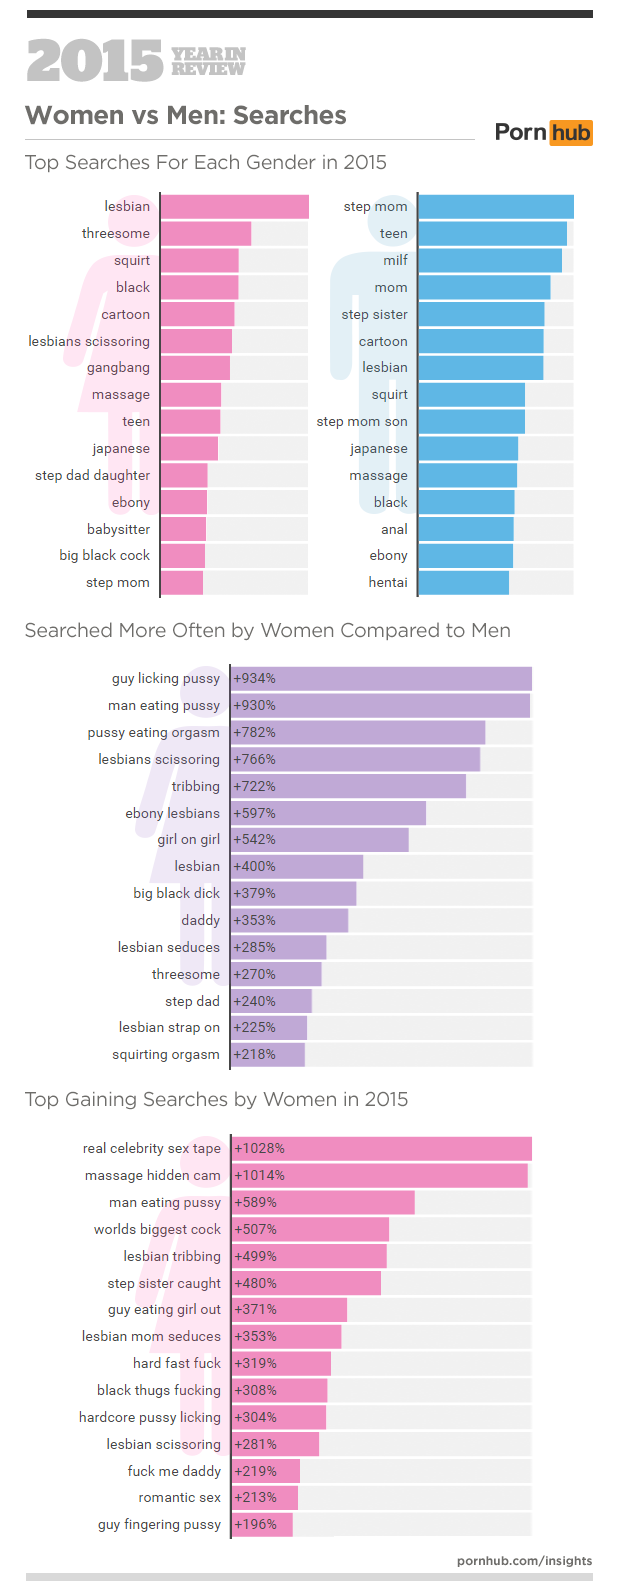 Statistika ogleda pornografije na Pornhubu v letu 2015 - Moški proti ženskam